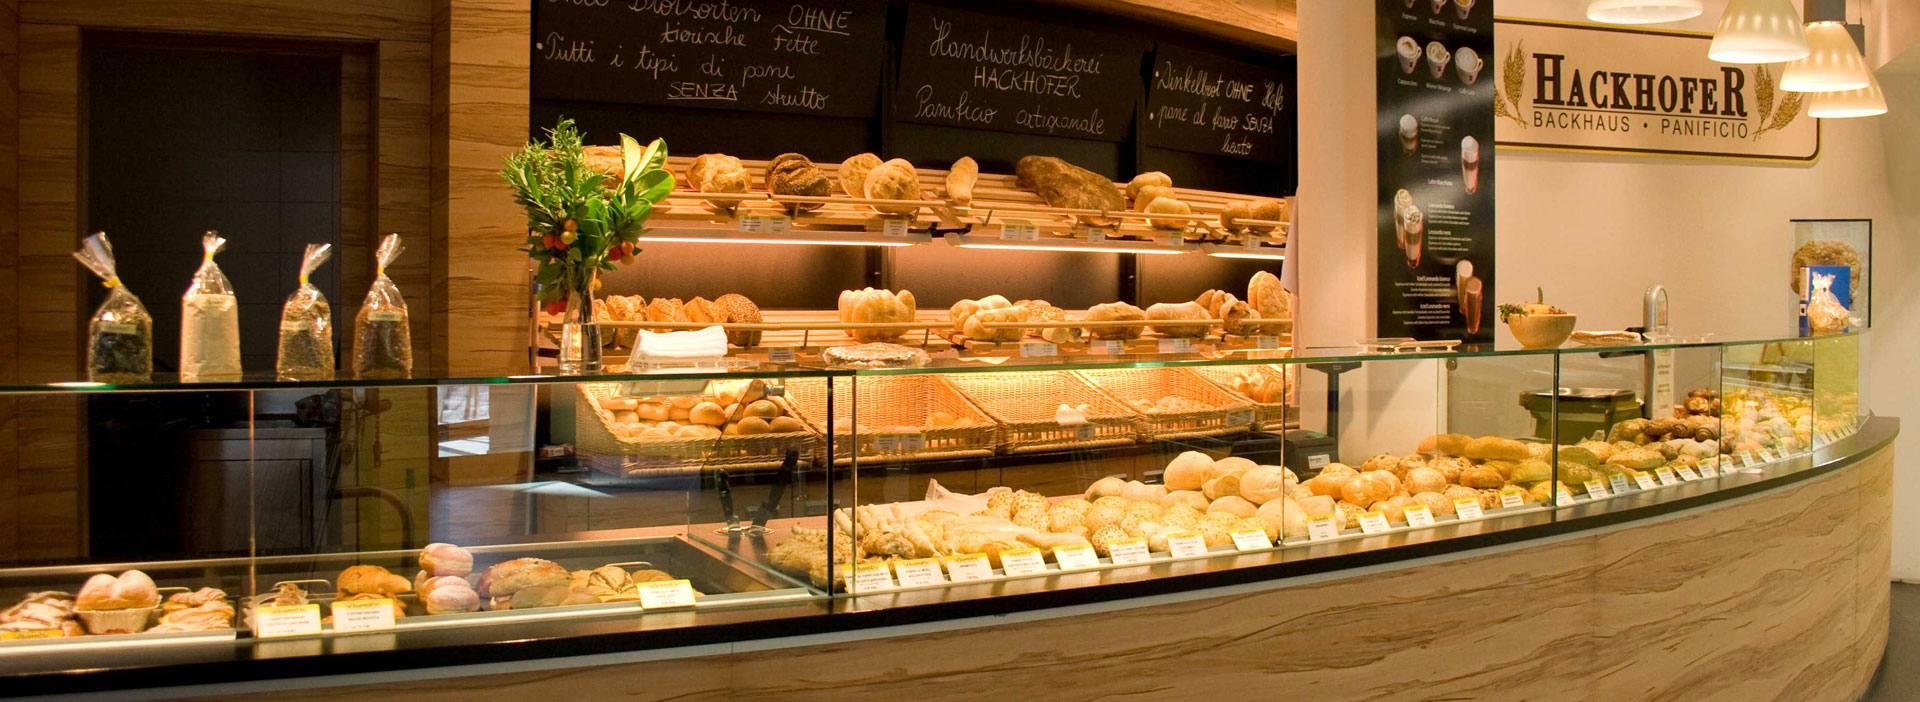 Panificio Café Bistro Hackhofer